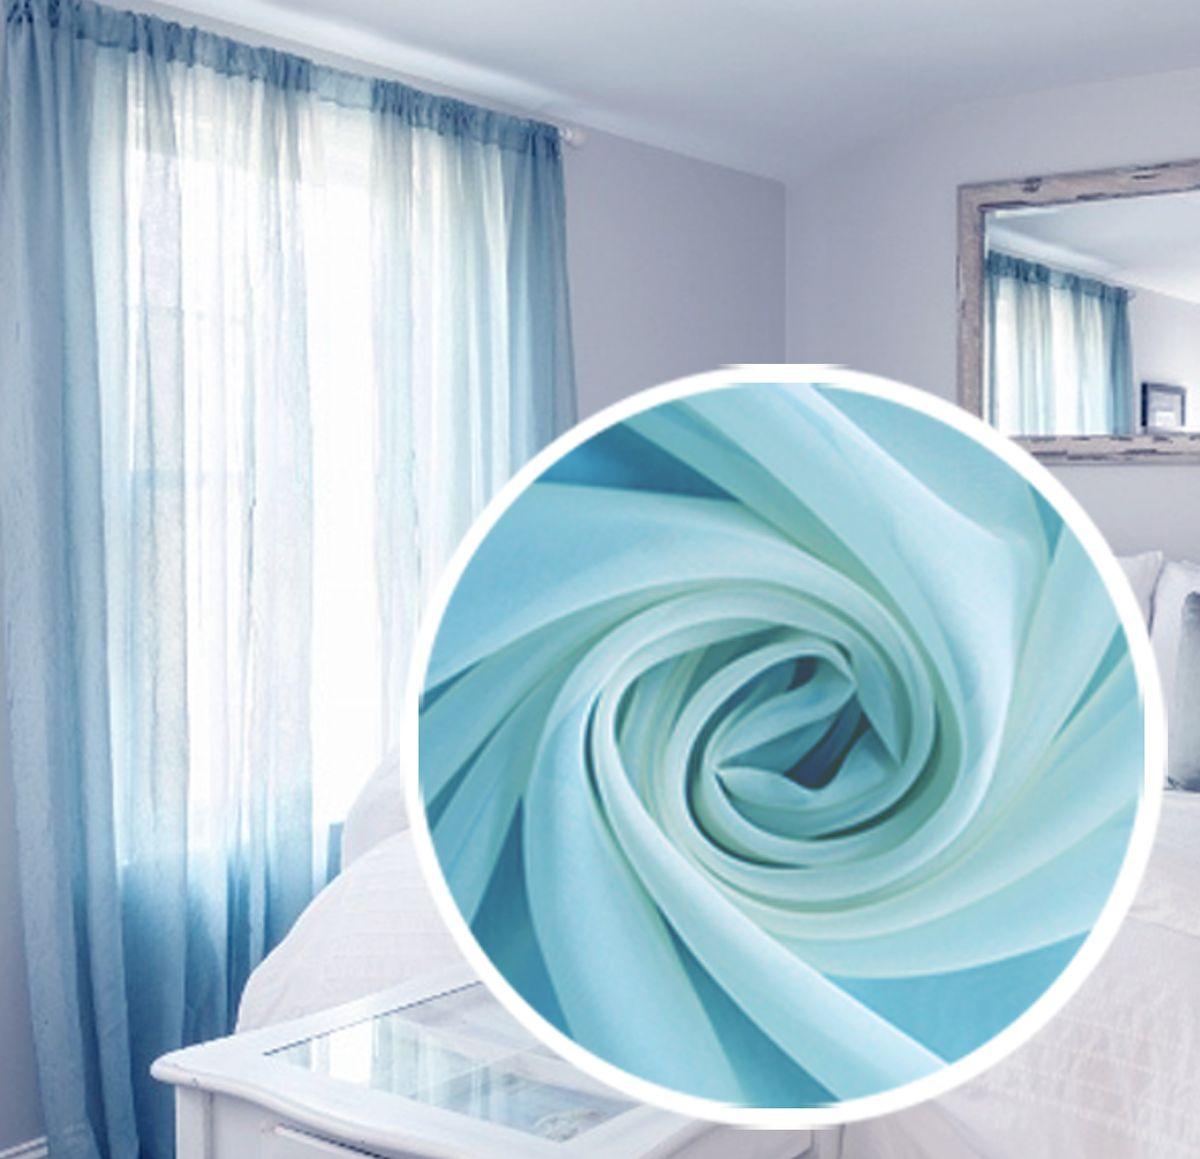 Вуаль Amore Mio Однотонная, 200х270 см, цвет: голубой. 7470574705Полотно тюлевое изготовлено из легкой матовой вуали. Может использоваться как самостоятельный элемент оформления окна. Отлично сочетается с жаккардовыми и печатными портьерами. Полотно на шторной ленте, готово к использованию. В комплект входит: Вуаль 200х270 см